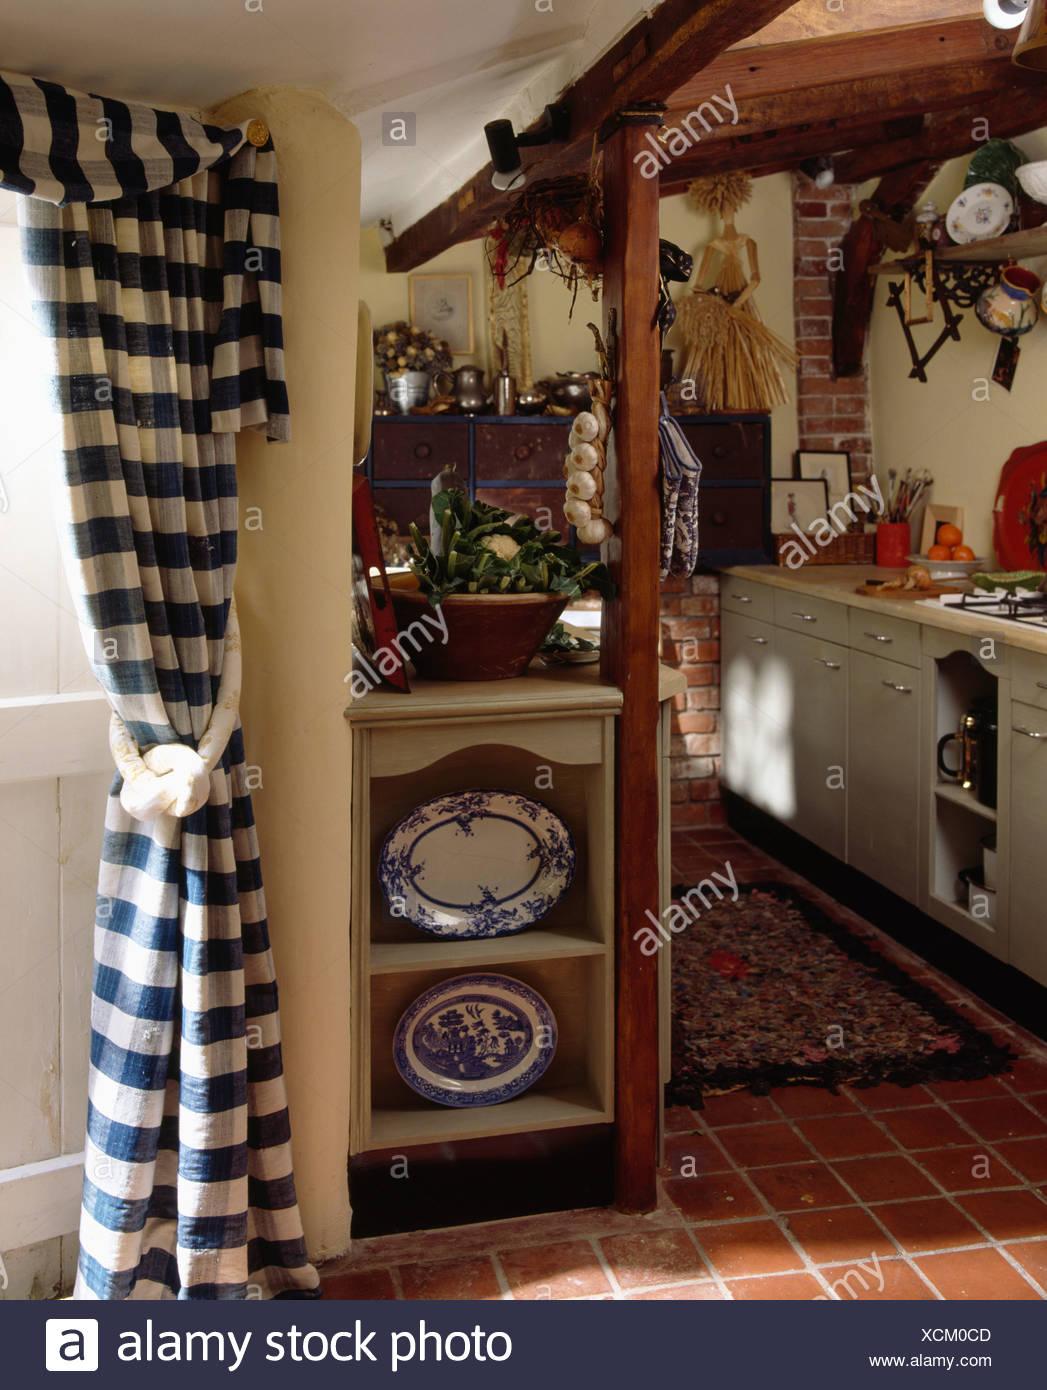 Full Size of Kleines Cottage Kche Mit Regal Neben Blauen Und Weien Check Tr Offenes Kisten Alno Küche Umziehen Schuh Müllschrank Anthrazit Betonoptik Regale Kaufen Für Wohnzimmer Kleines Regal Küche